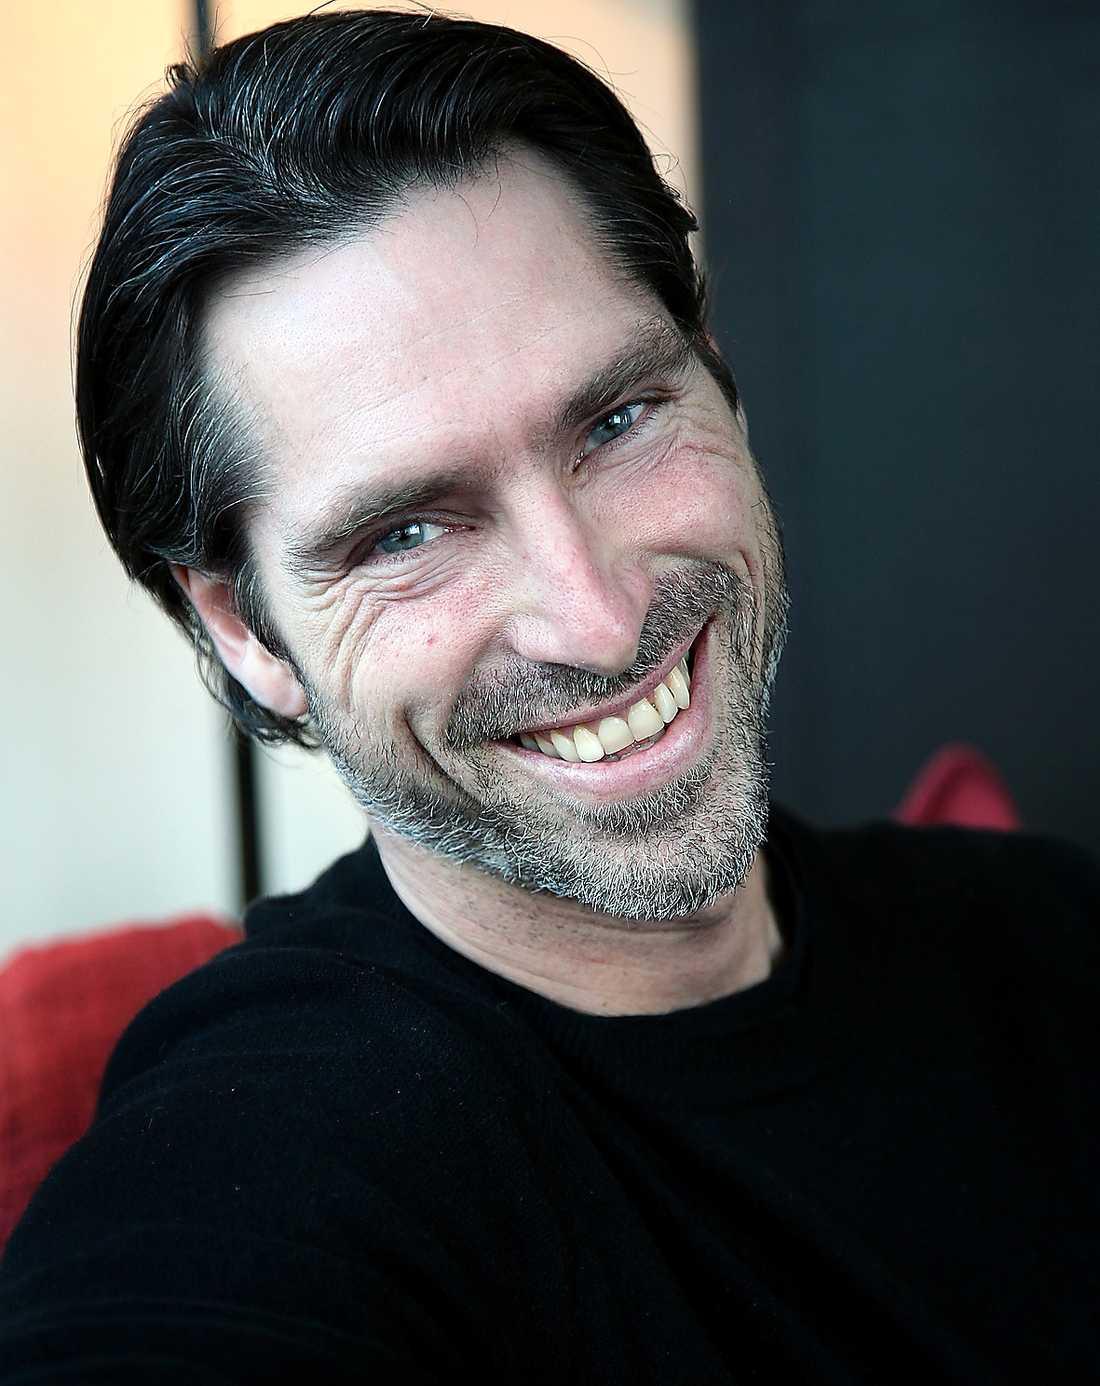 """Pontus Gårdinger, 47:  Rollen som hallåa ledde honom vidare bland annat till programledarjobbet för Melodifestivalen 1996. Har han jobbat som programledare i Kanal 5 med bland annat """"Mullvaden"""" och """"Sanningens ögonblick"""". Numera är han vd på produktionsbolaget Snowman."""